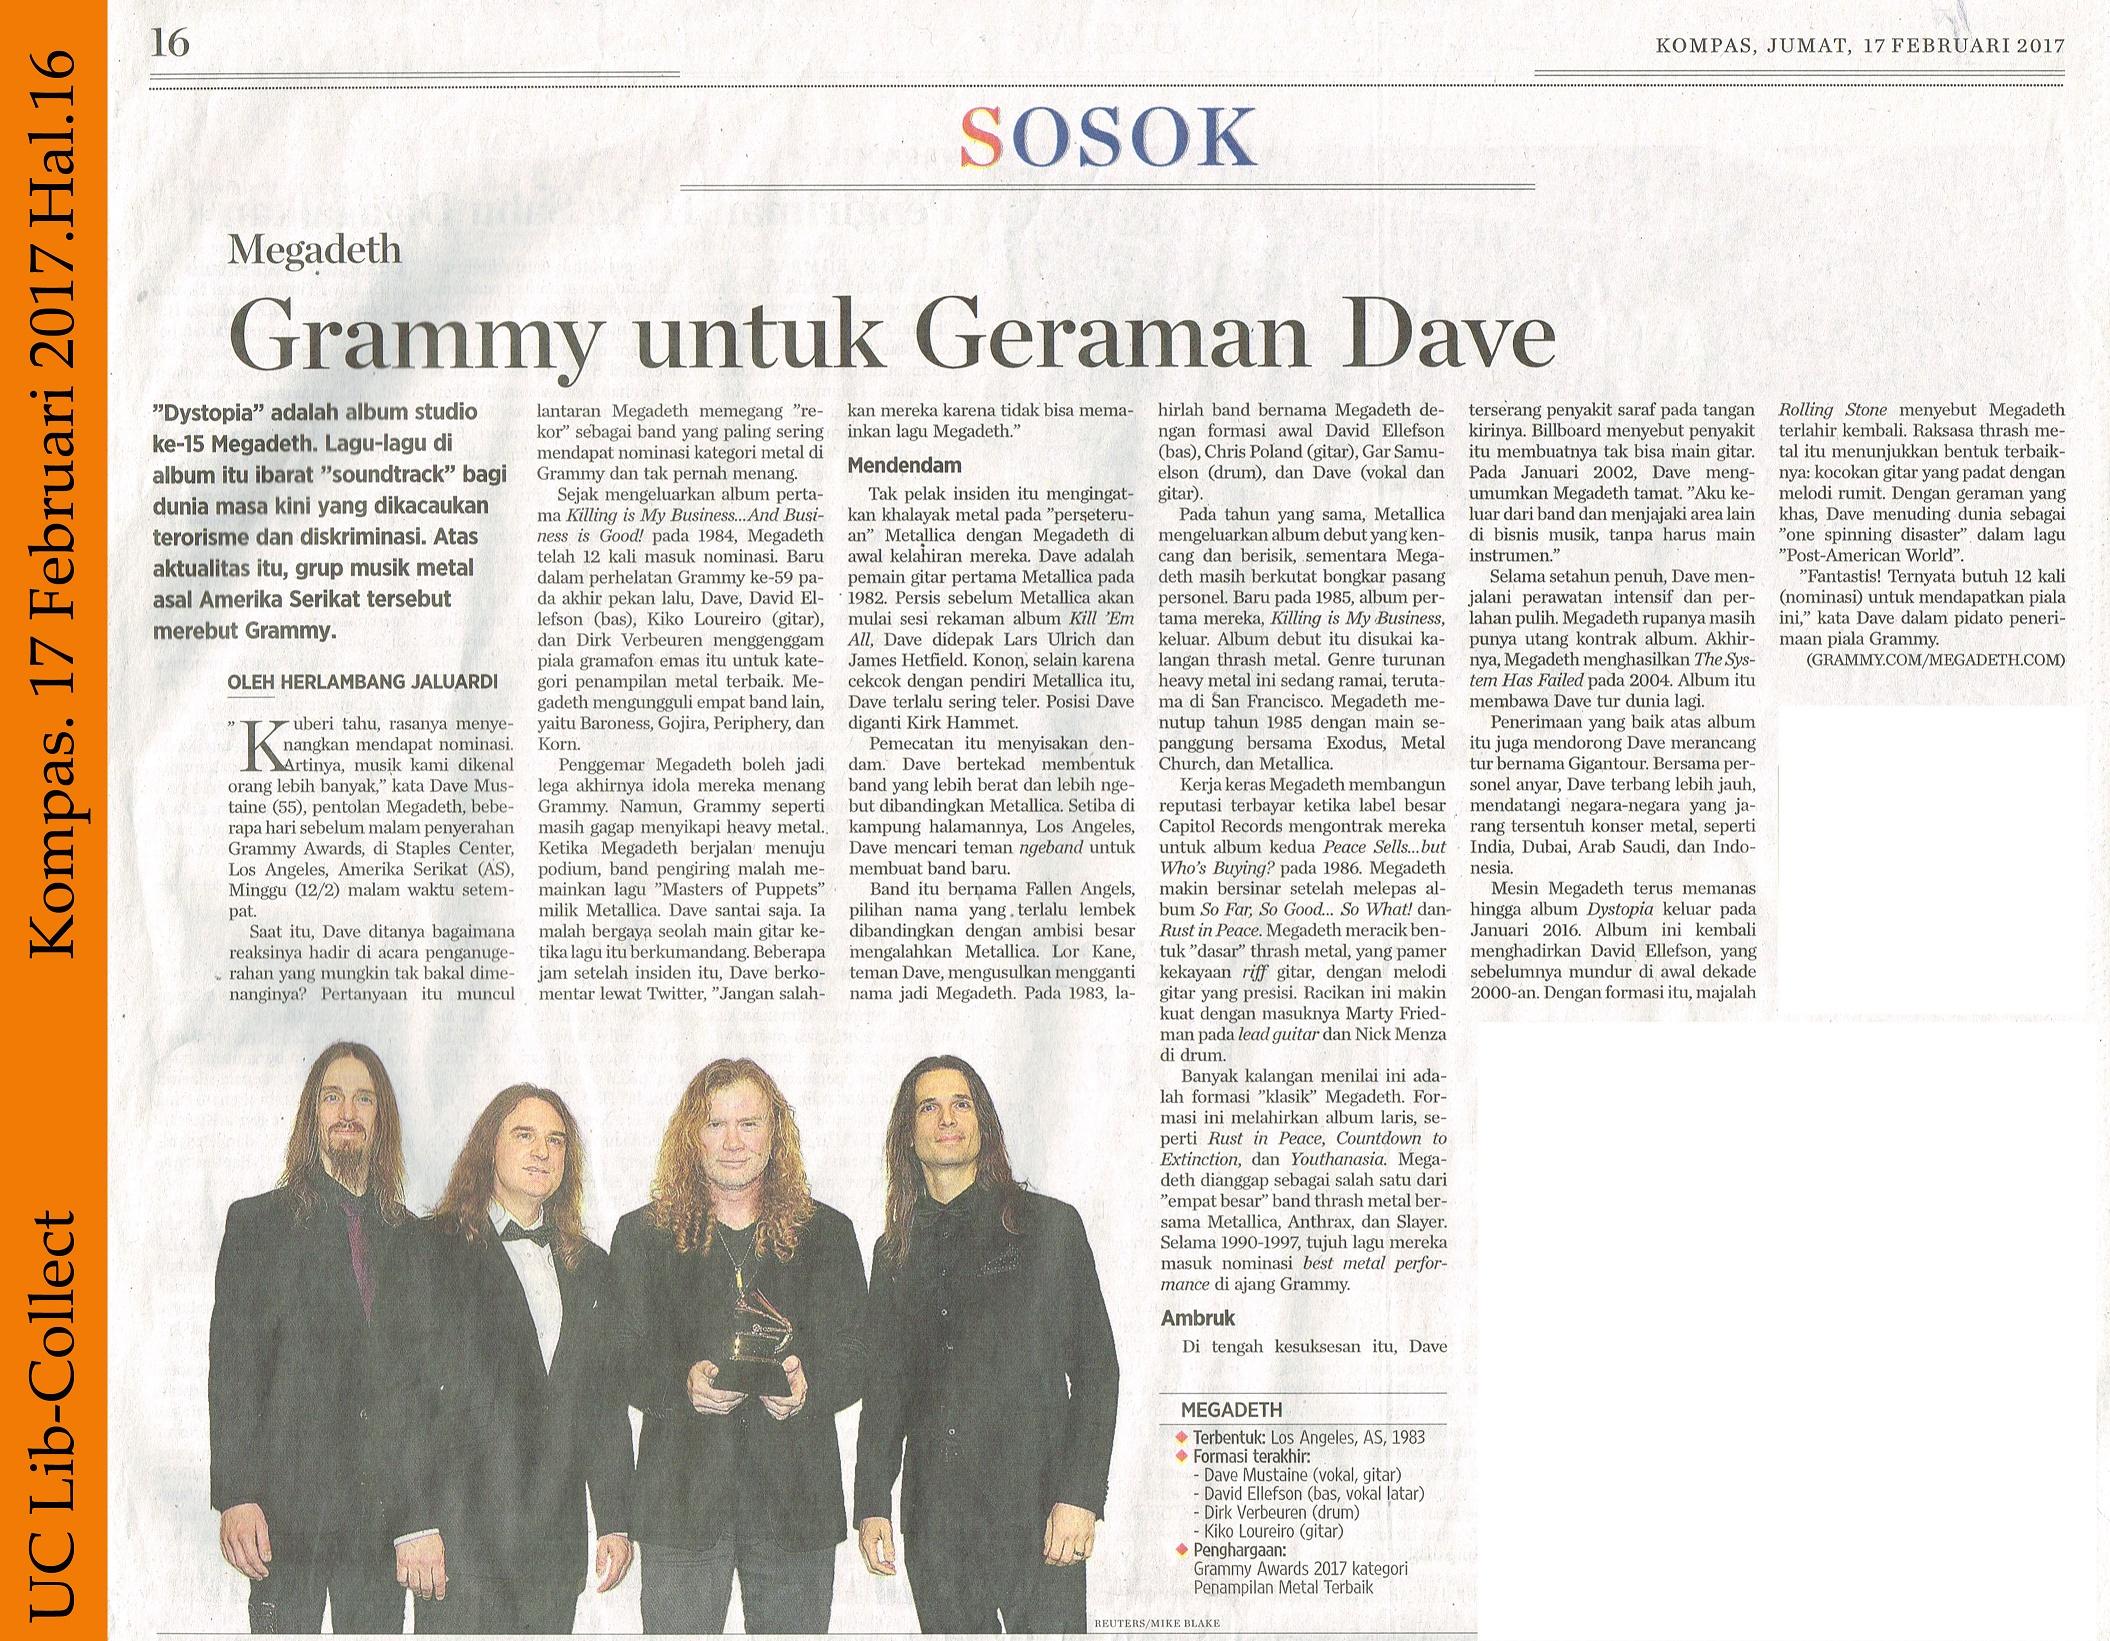 Megadeth_Grammy untuk Geraman Dave.Kompas 17 Februari 2017.Hal.16